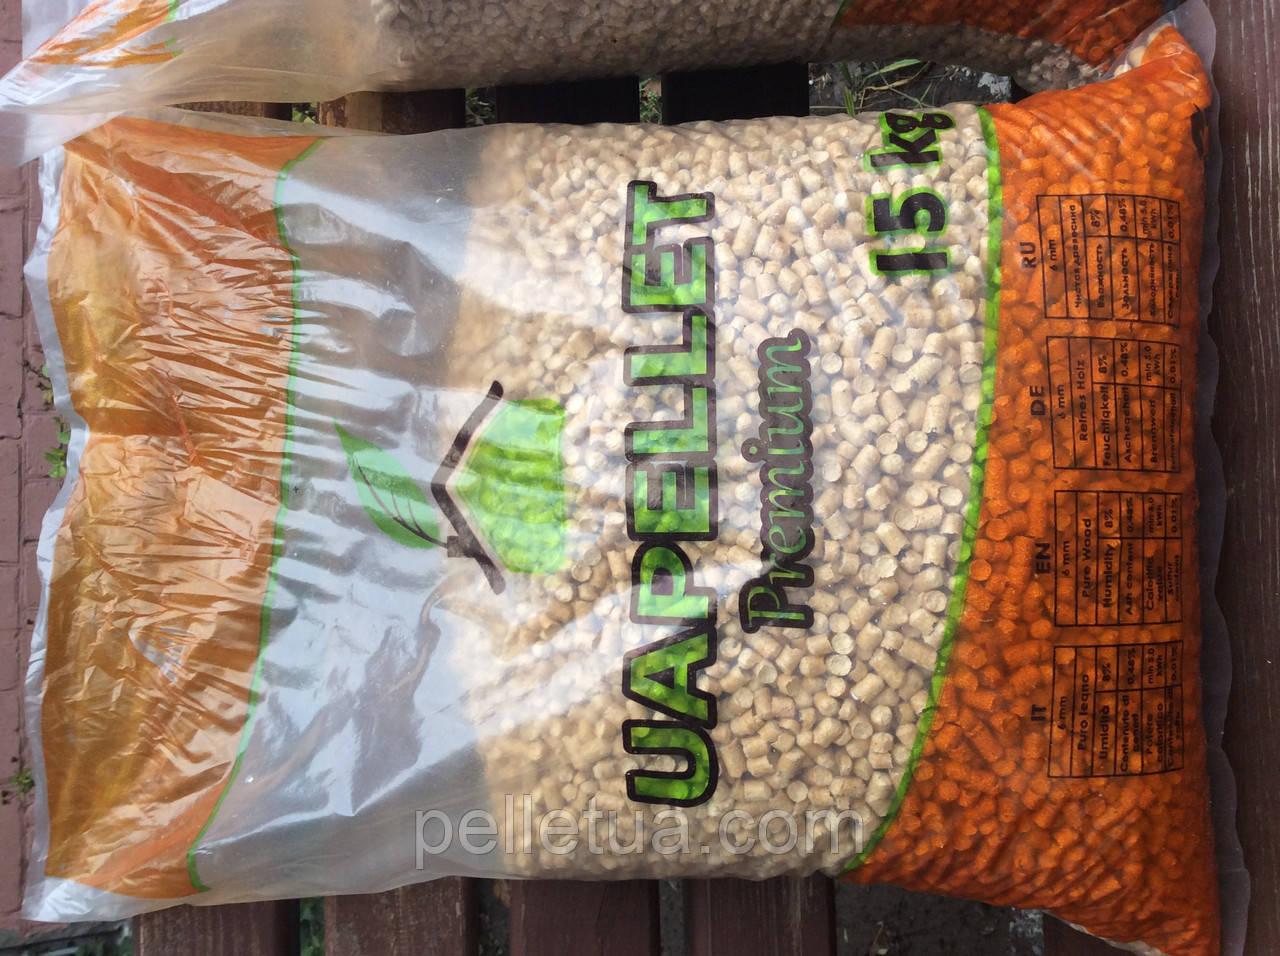 pellets energi per kilo